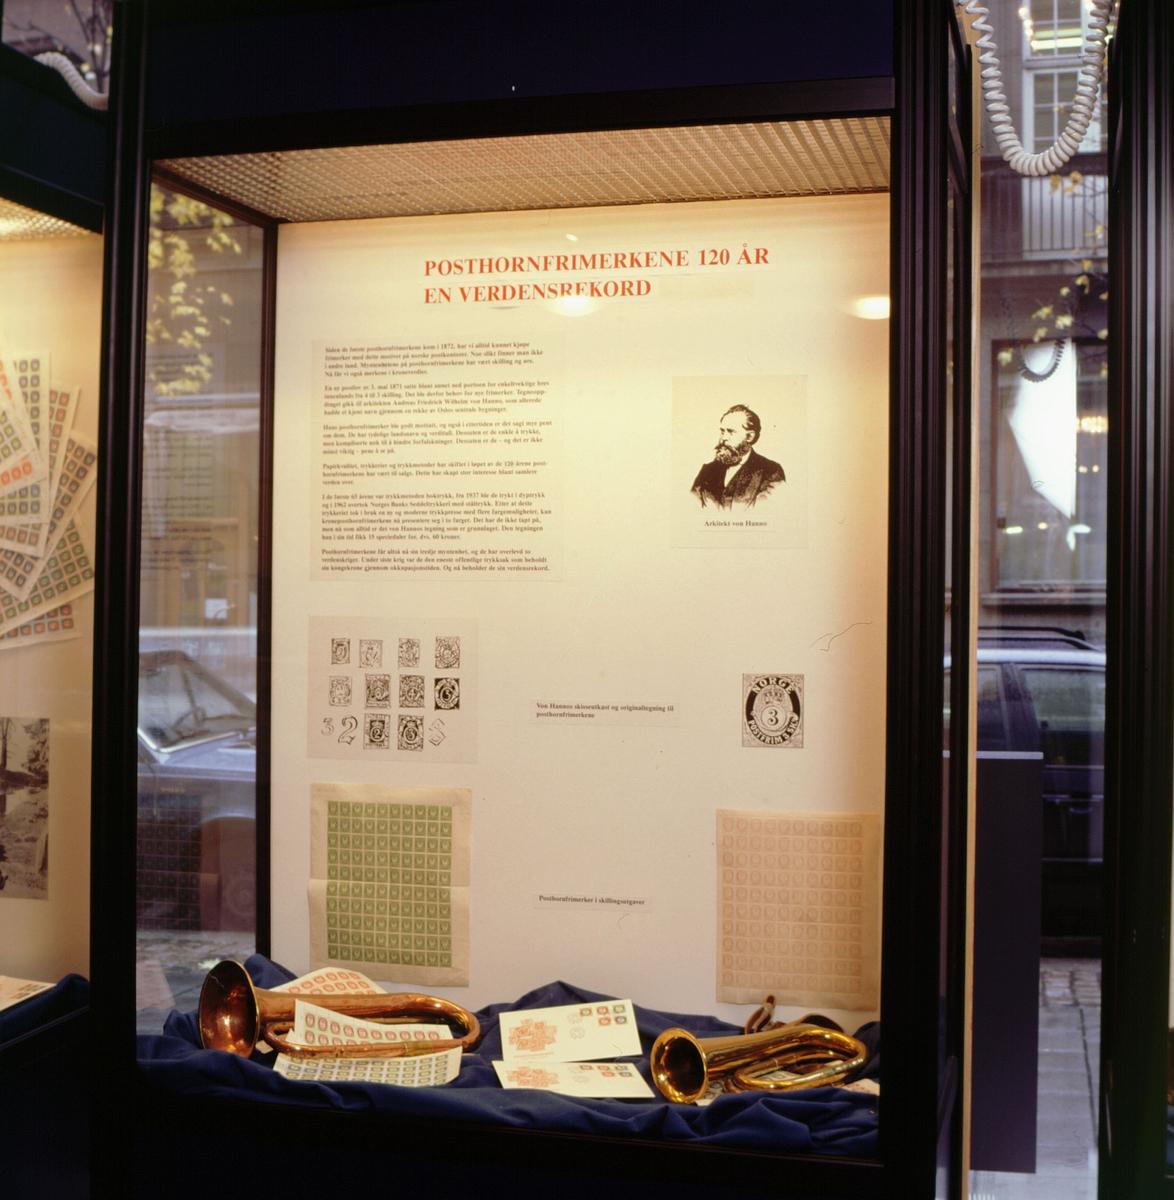 postmuseet, Kirkegata 20, utstilling, posthornfrimerker, arkitekt von Hanno, posthorn